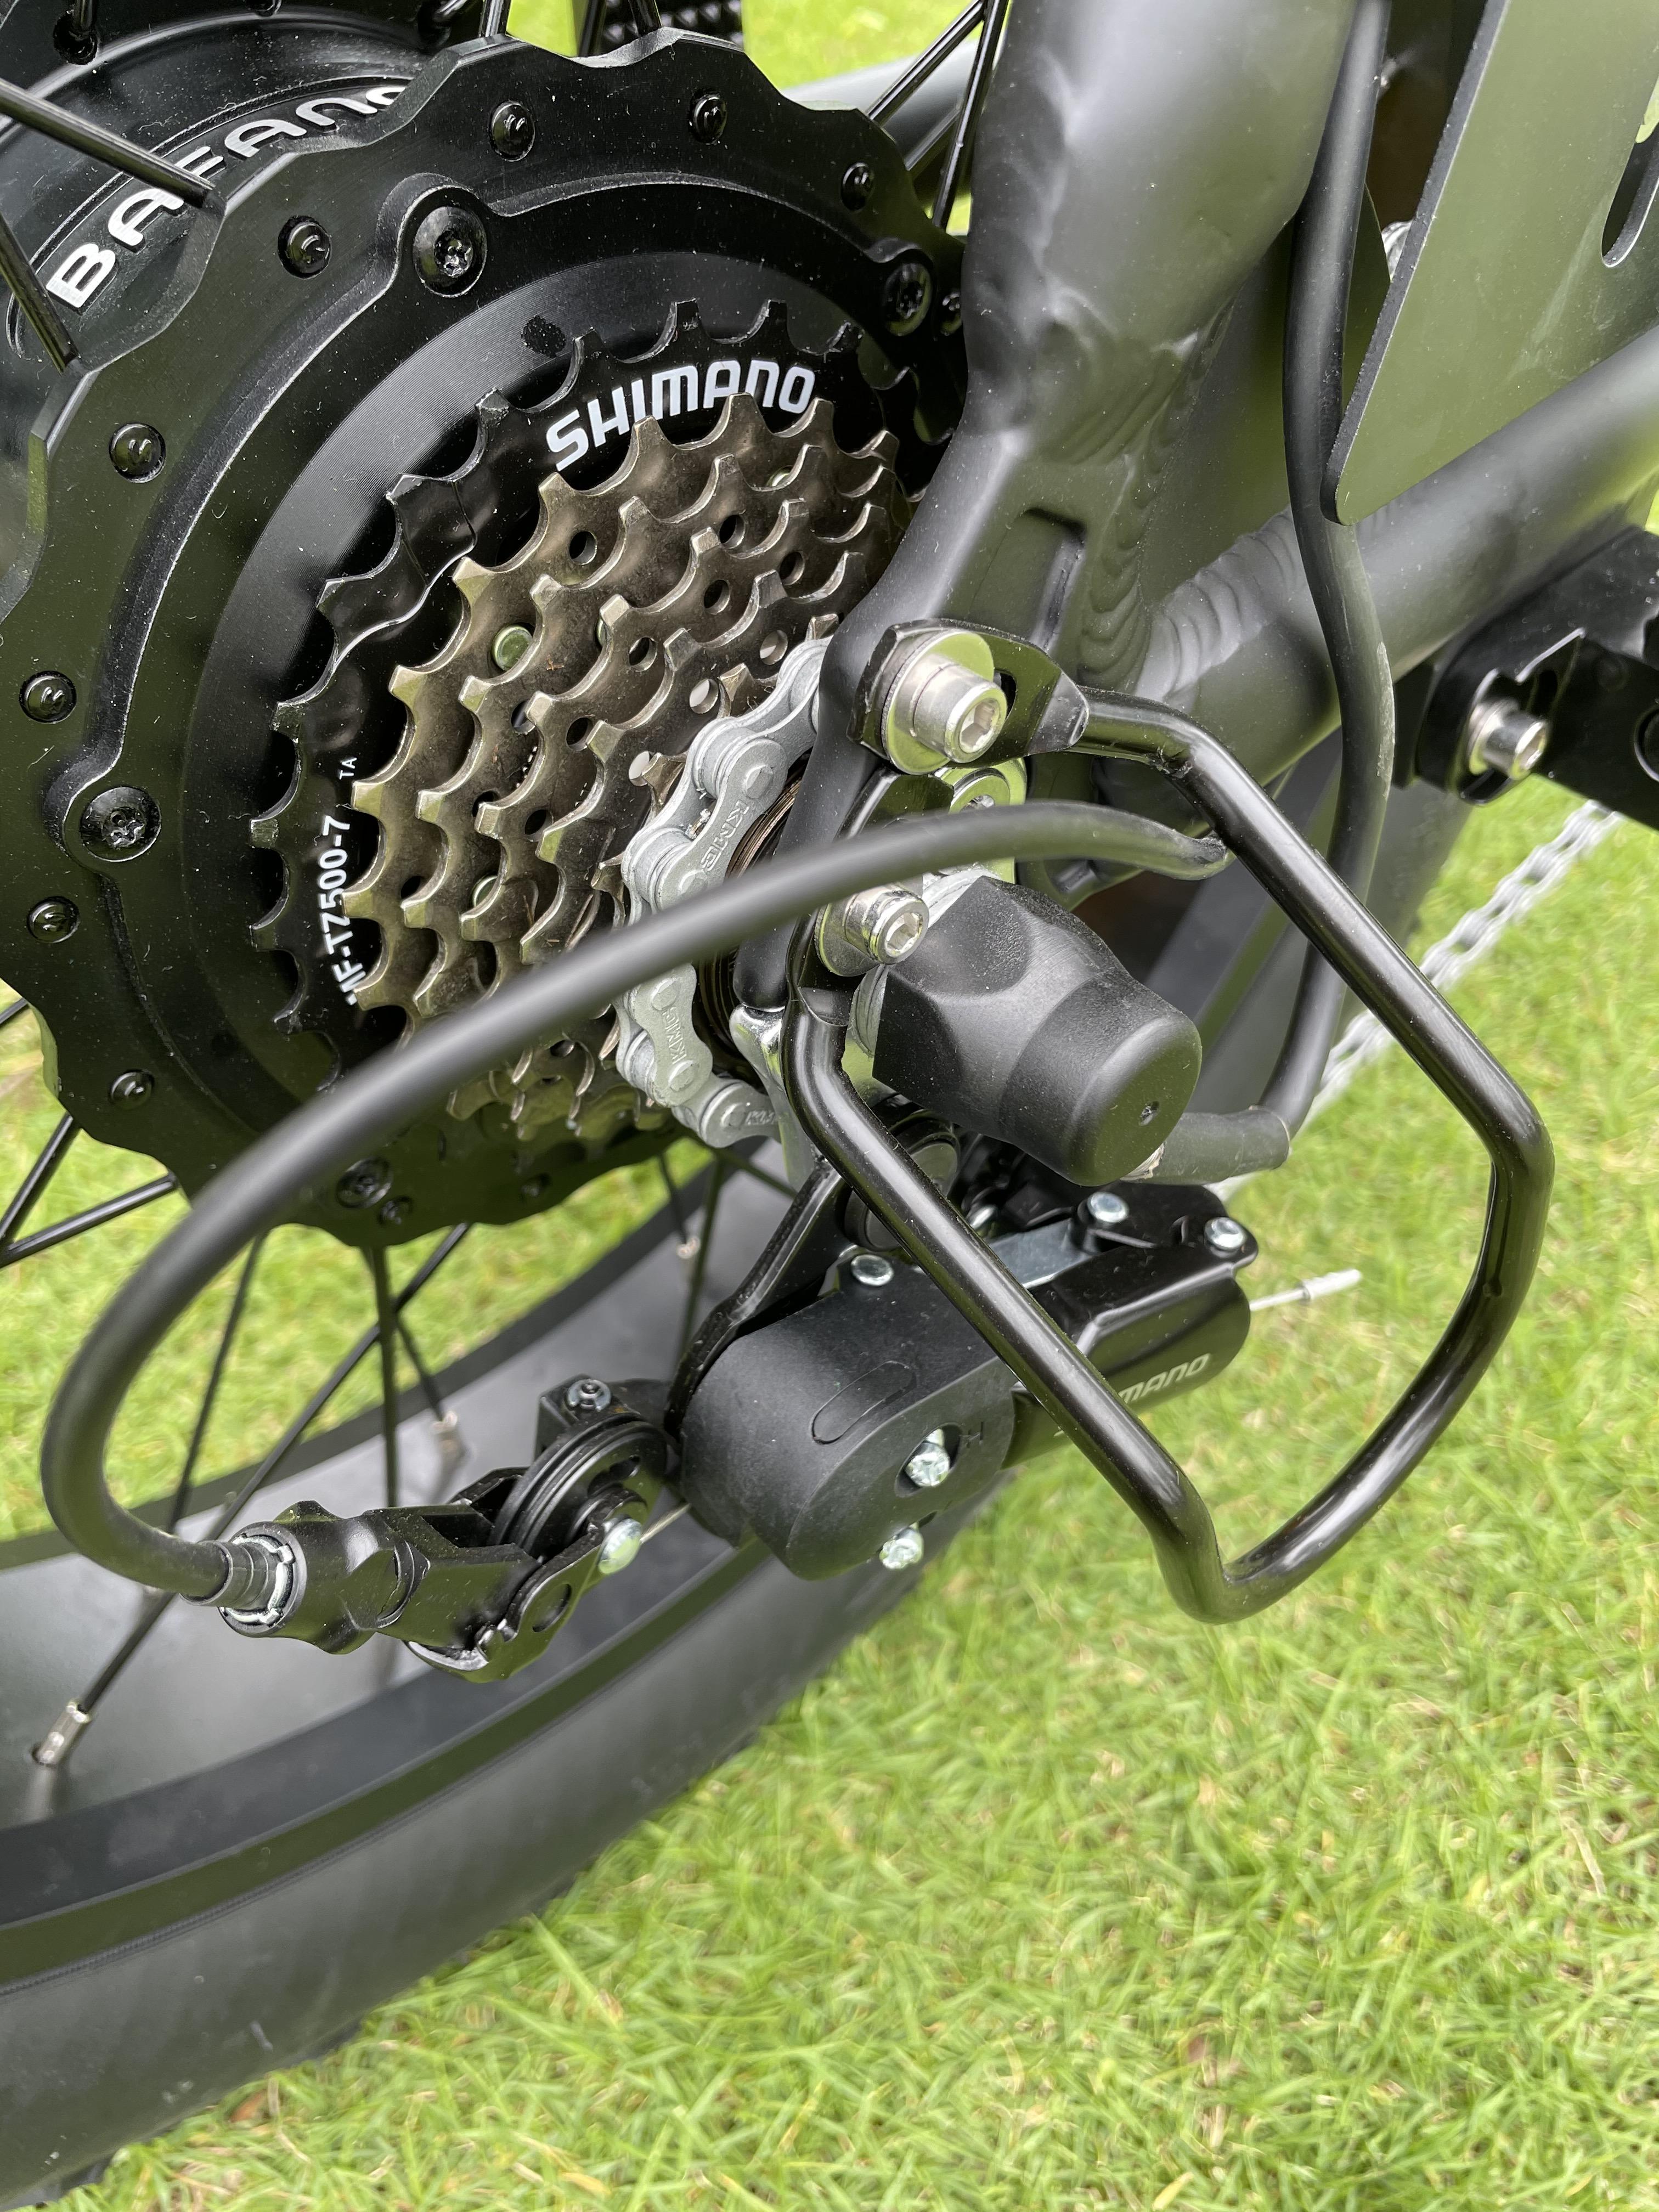 New Design Super New Power Electric Bike 2 Seat Electric Bike 48V 500W 750W 1000W Optional Cruz 73